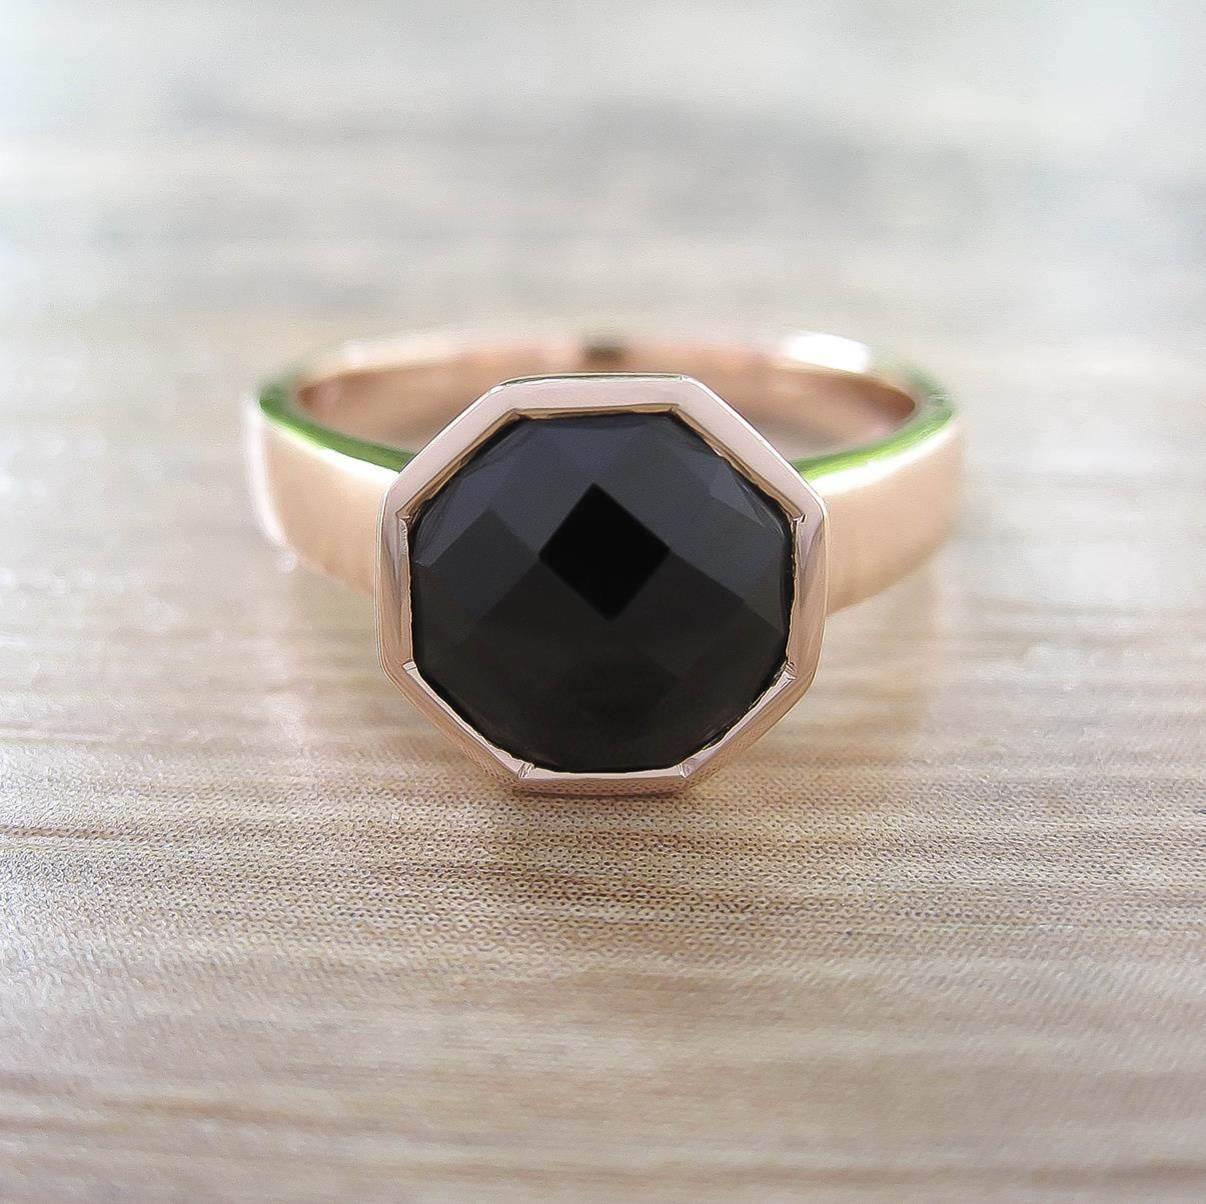 แหวน Black Onyx Sterling Silver สี Rose Gold รุ่น Glamorous